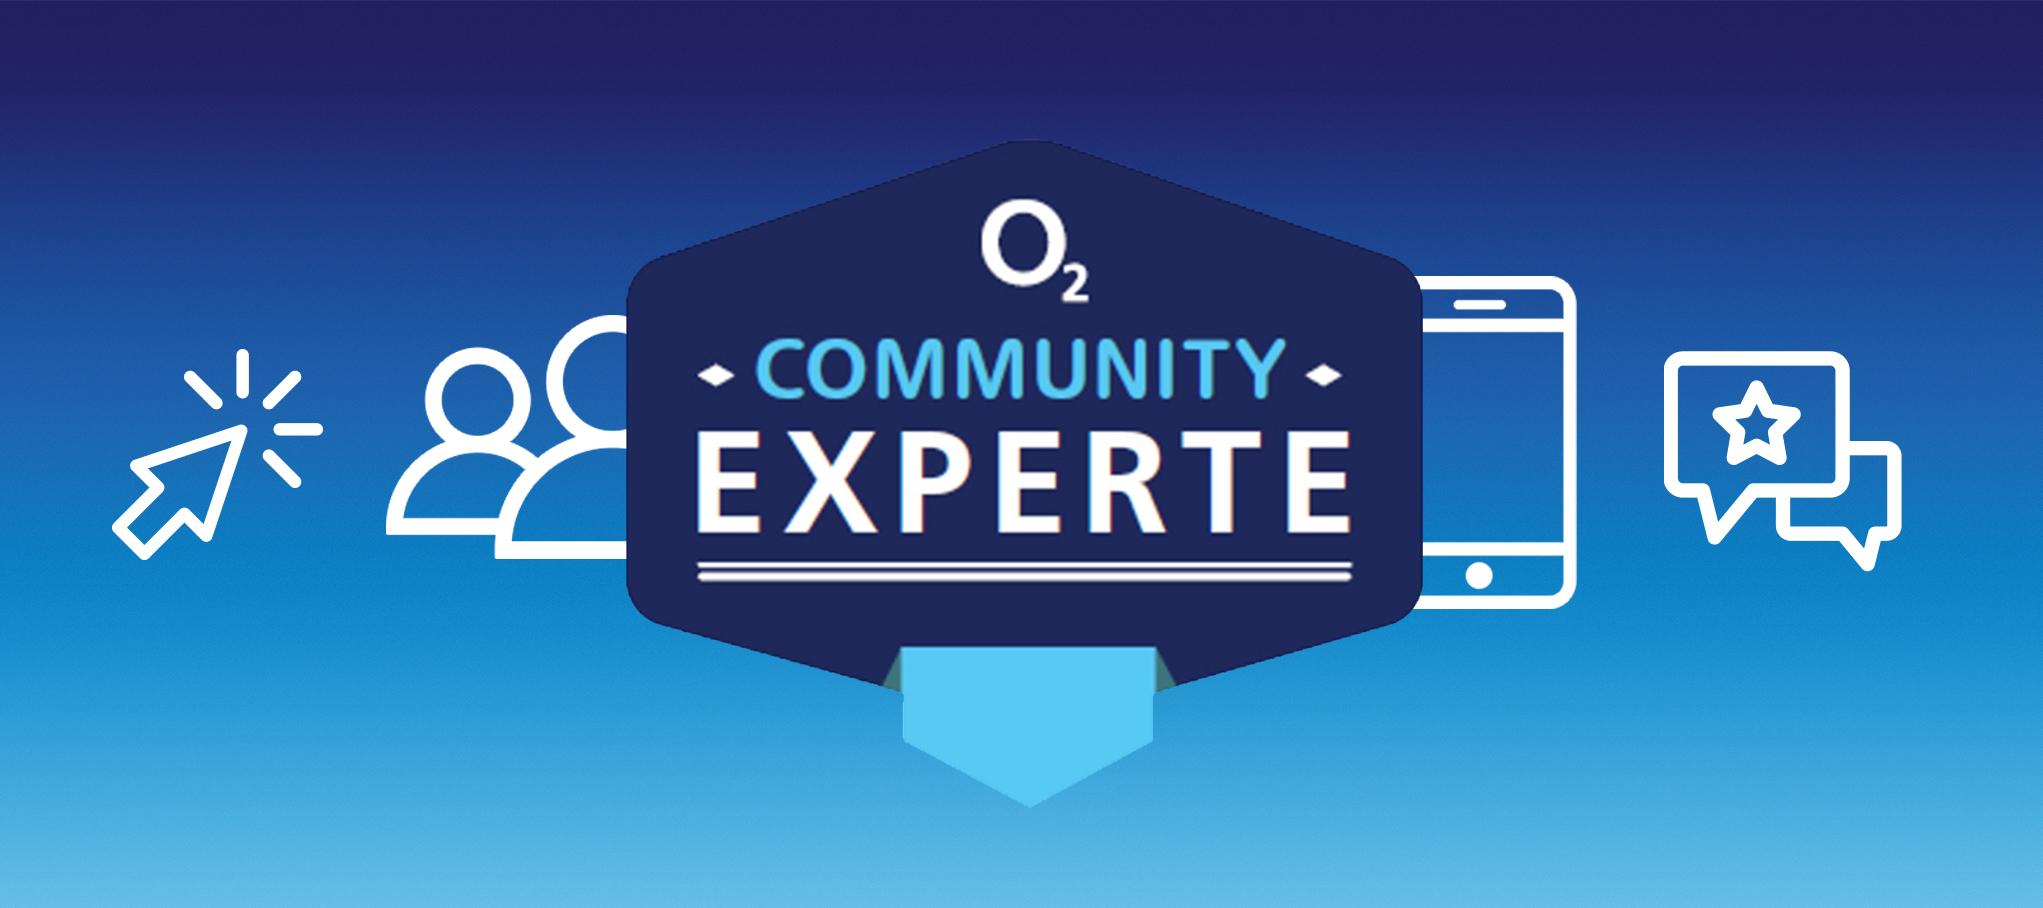 Treffpunkt Internet: Das 2. Virtuelle Expertentreffen der o2 Community Experten 2020